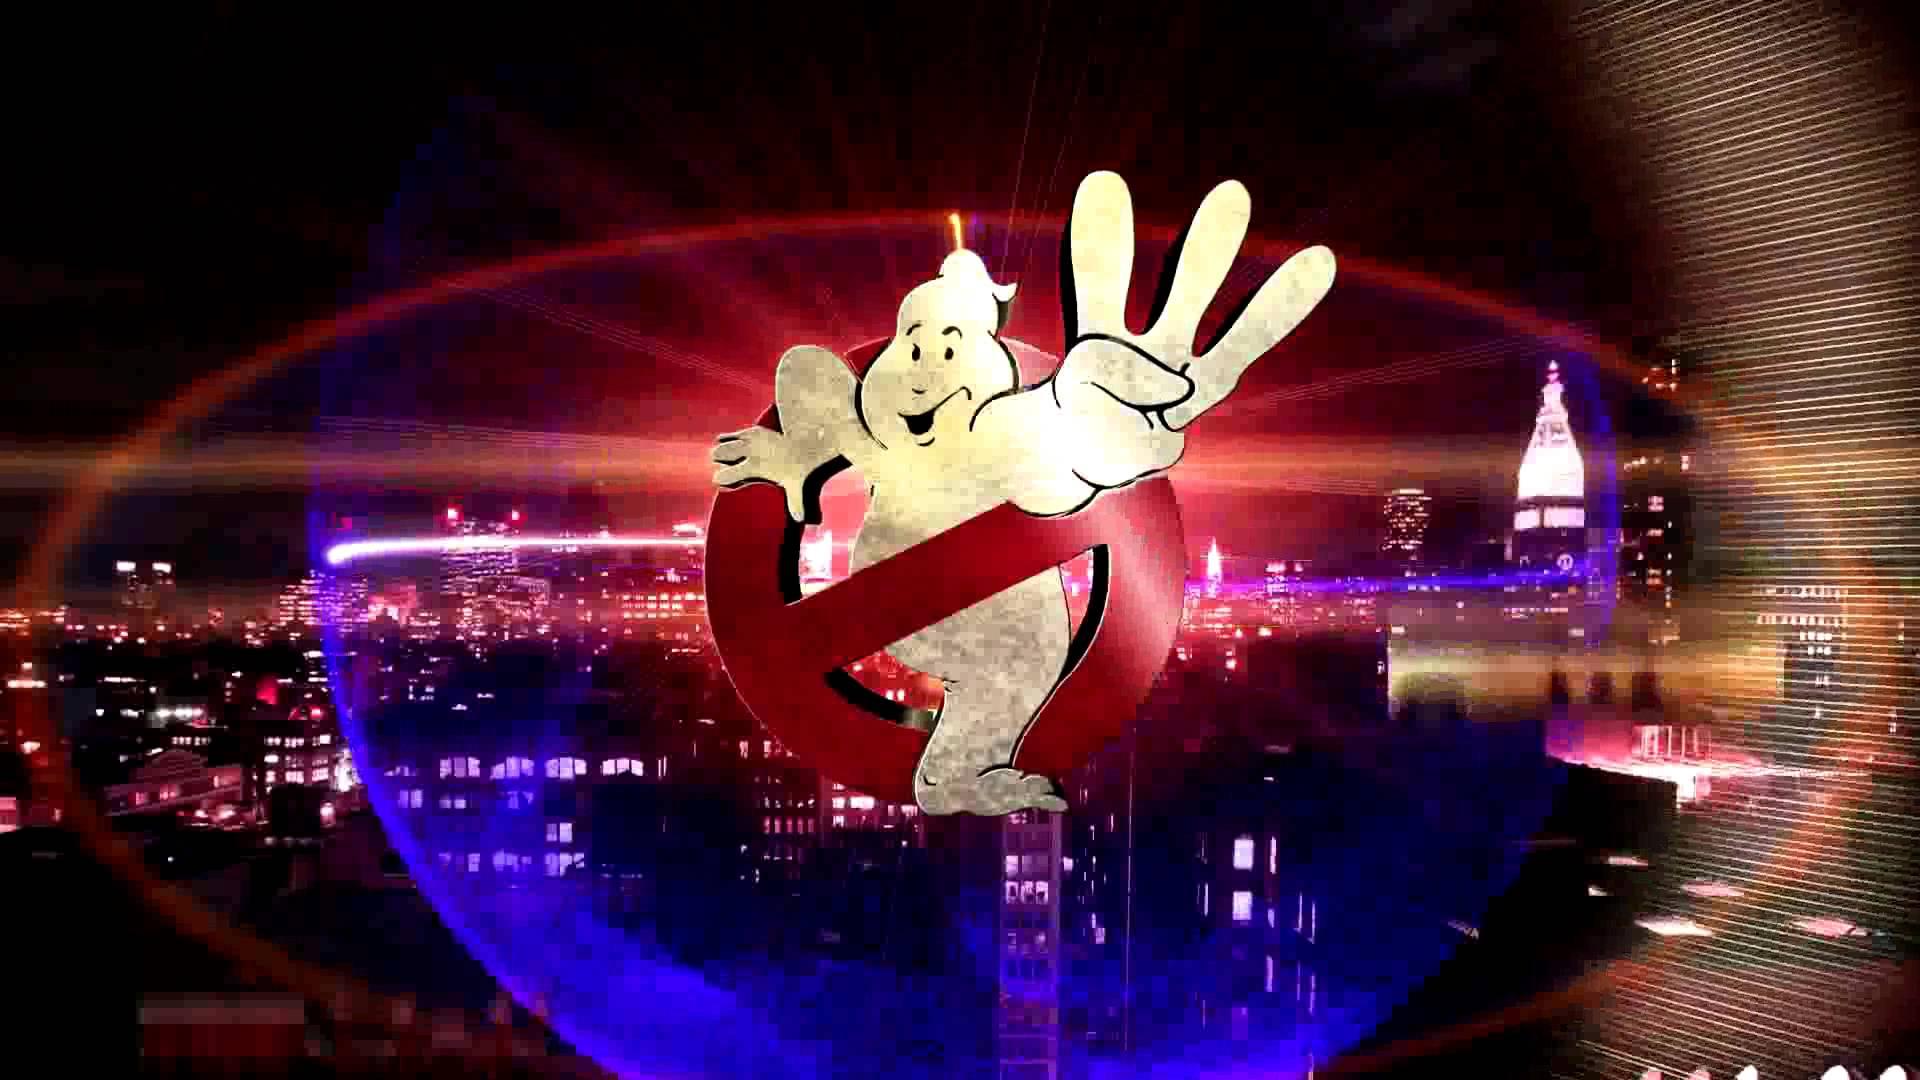 Geek Cultured: Ghostbusters